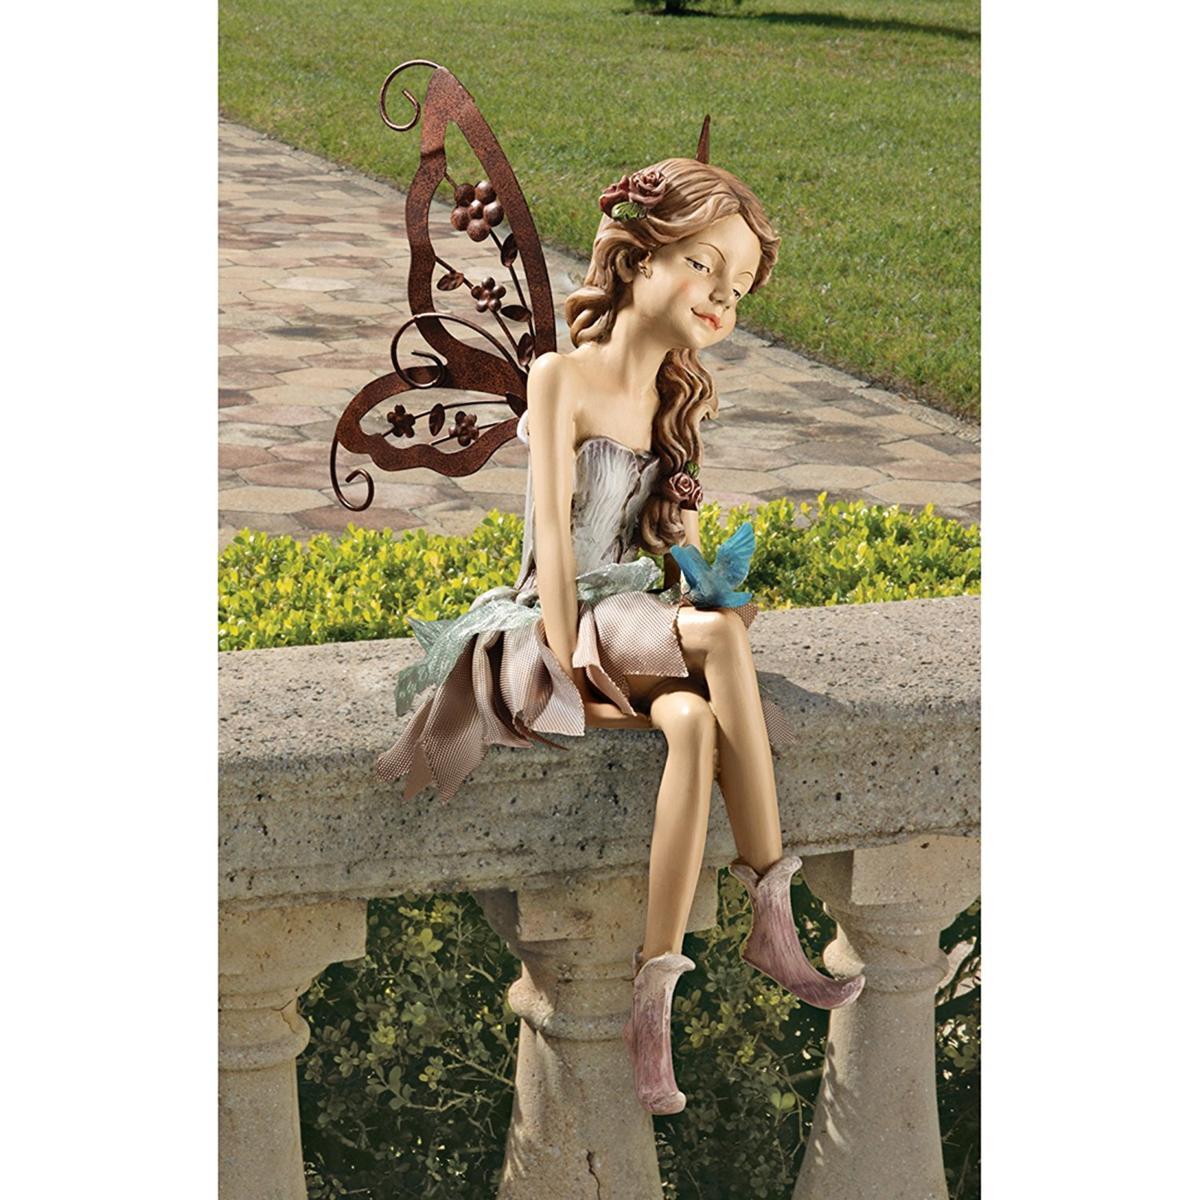 デザイン・トスカノ製 ファニー、座る妖精の彫像 彫刻/ Design Toscano Fannie, the Fairy Sitting Statue(輸入品